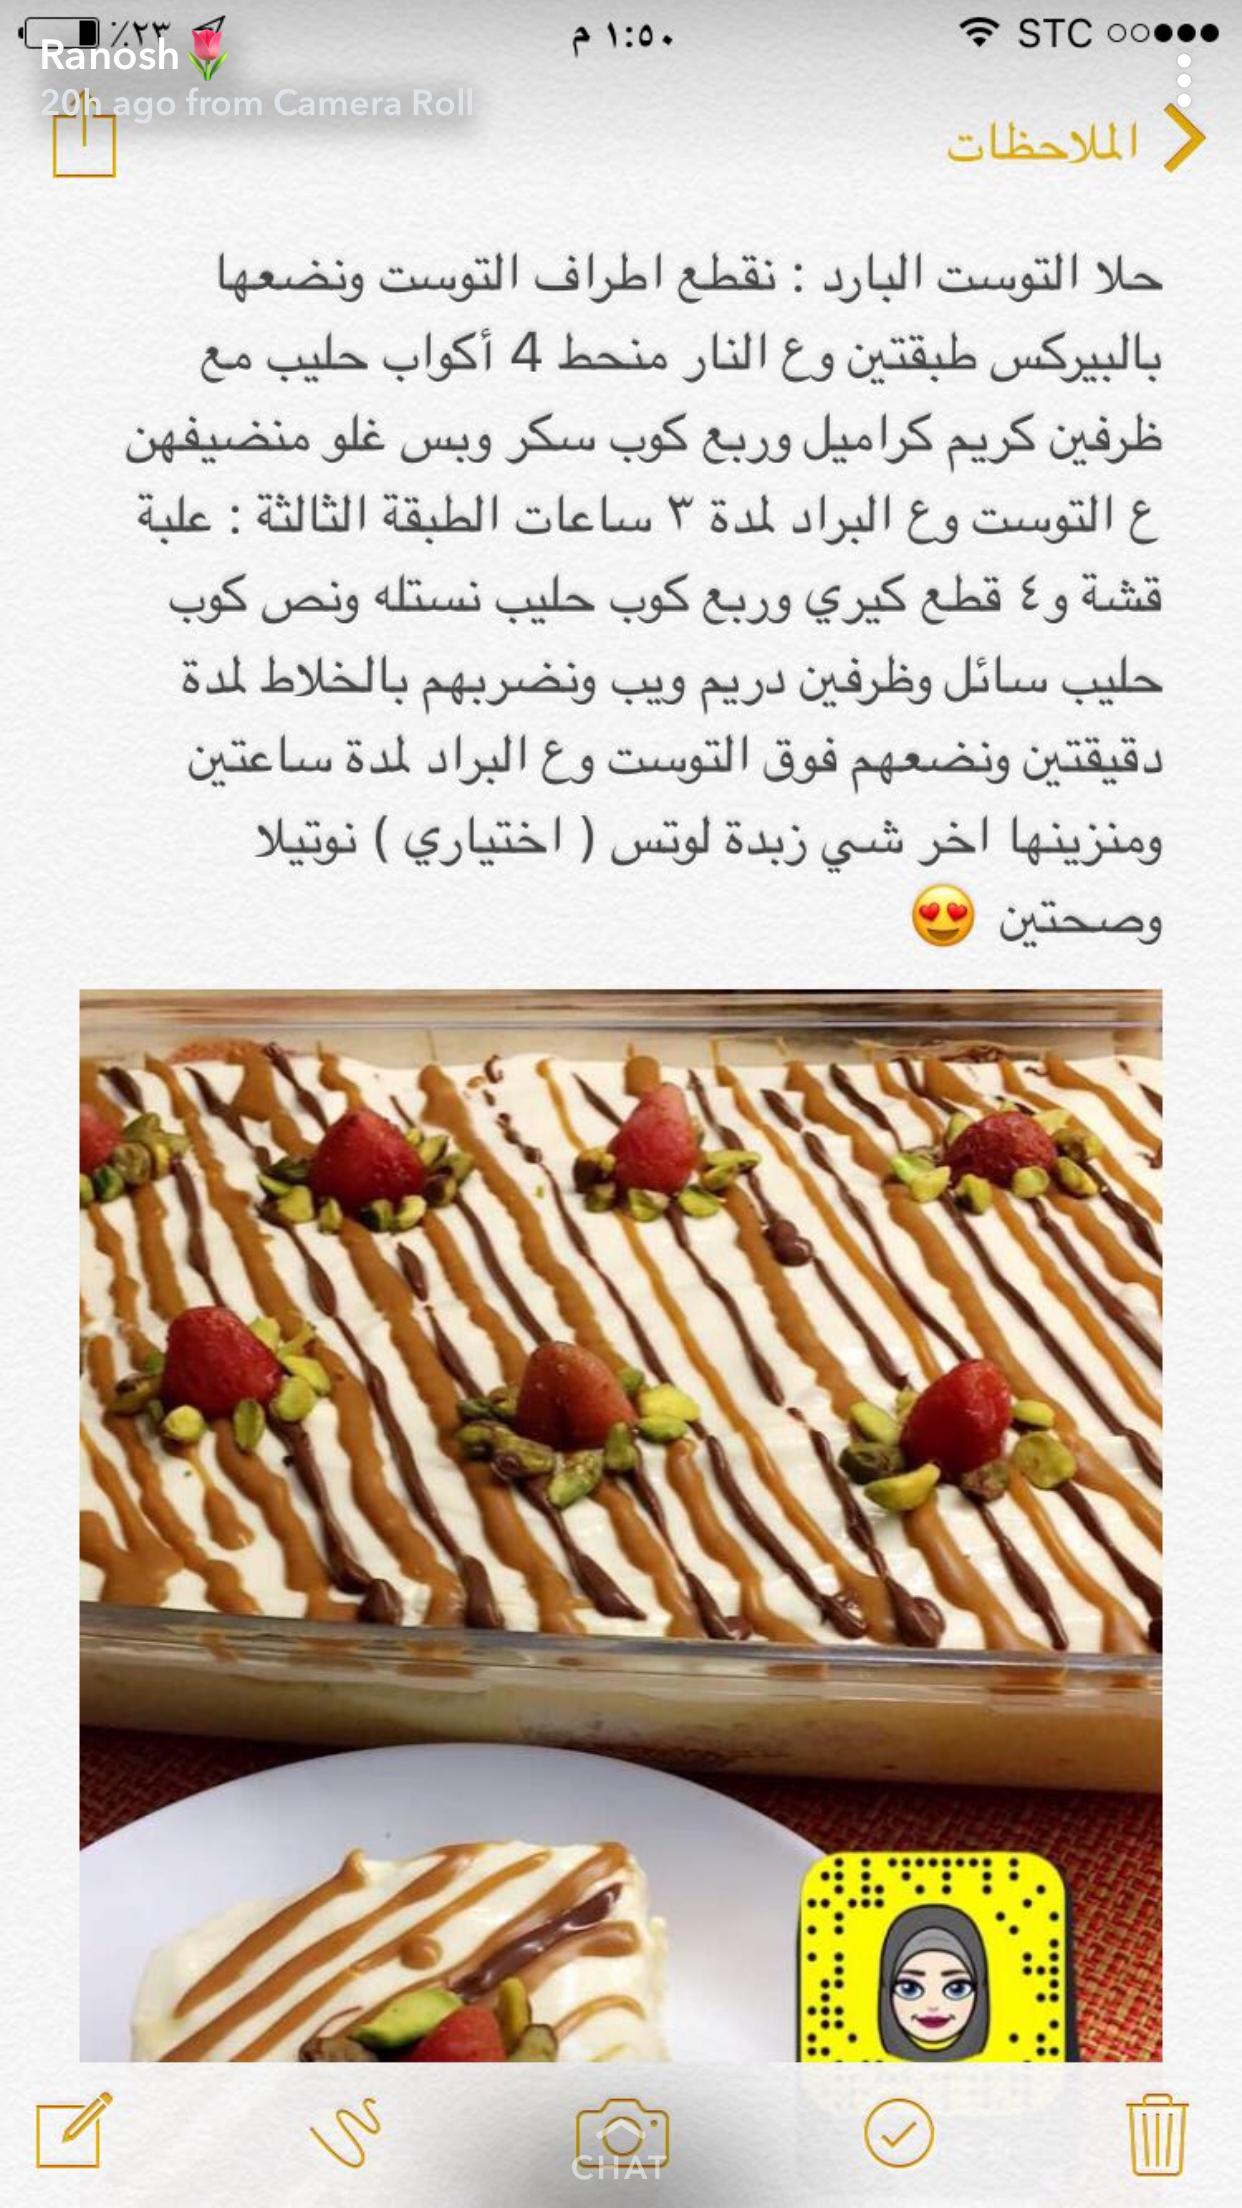 حلا التوست البارد رنوش Cooking Recipes Yummy Food Food